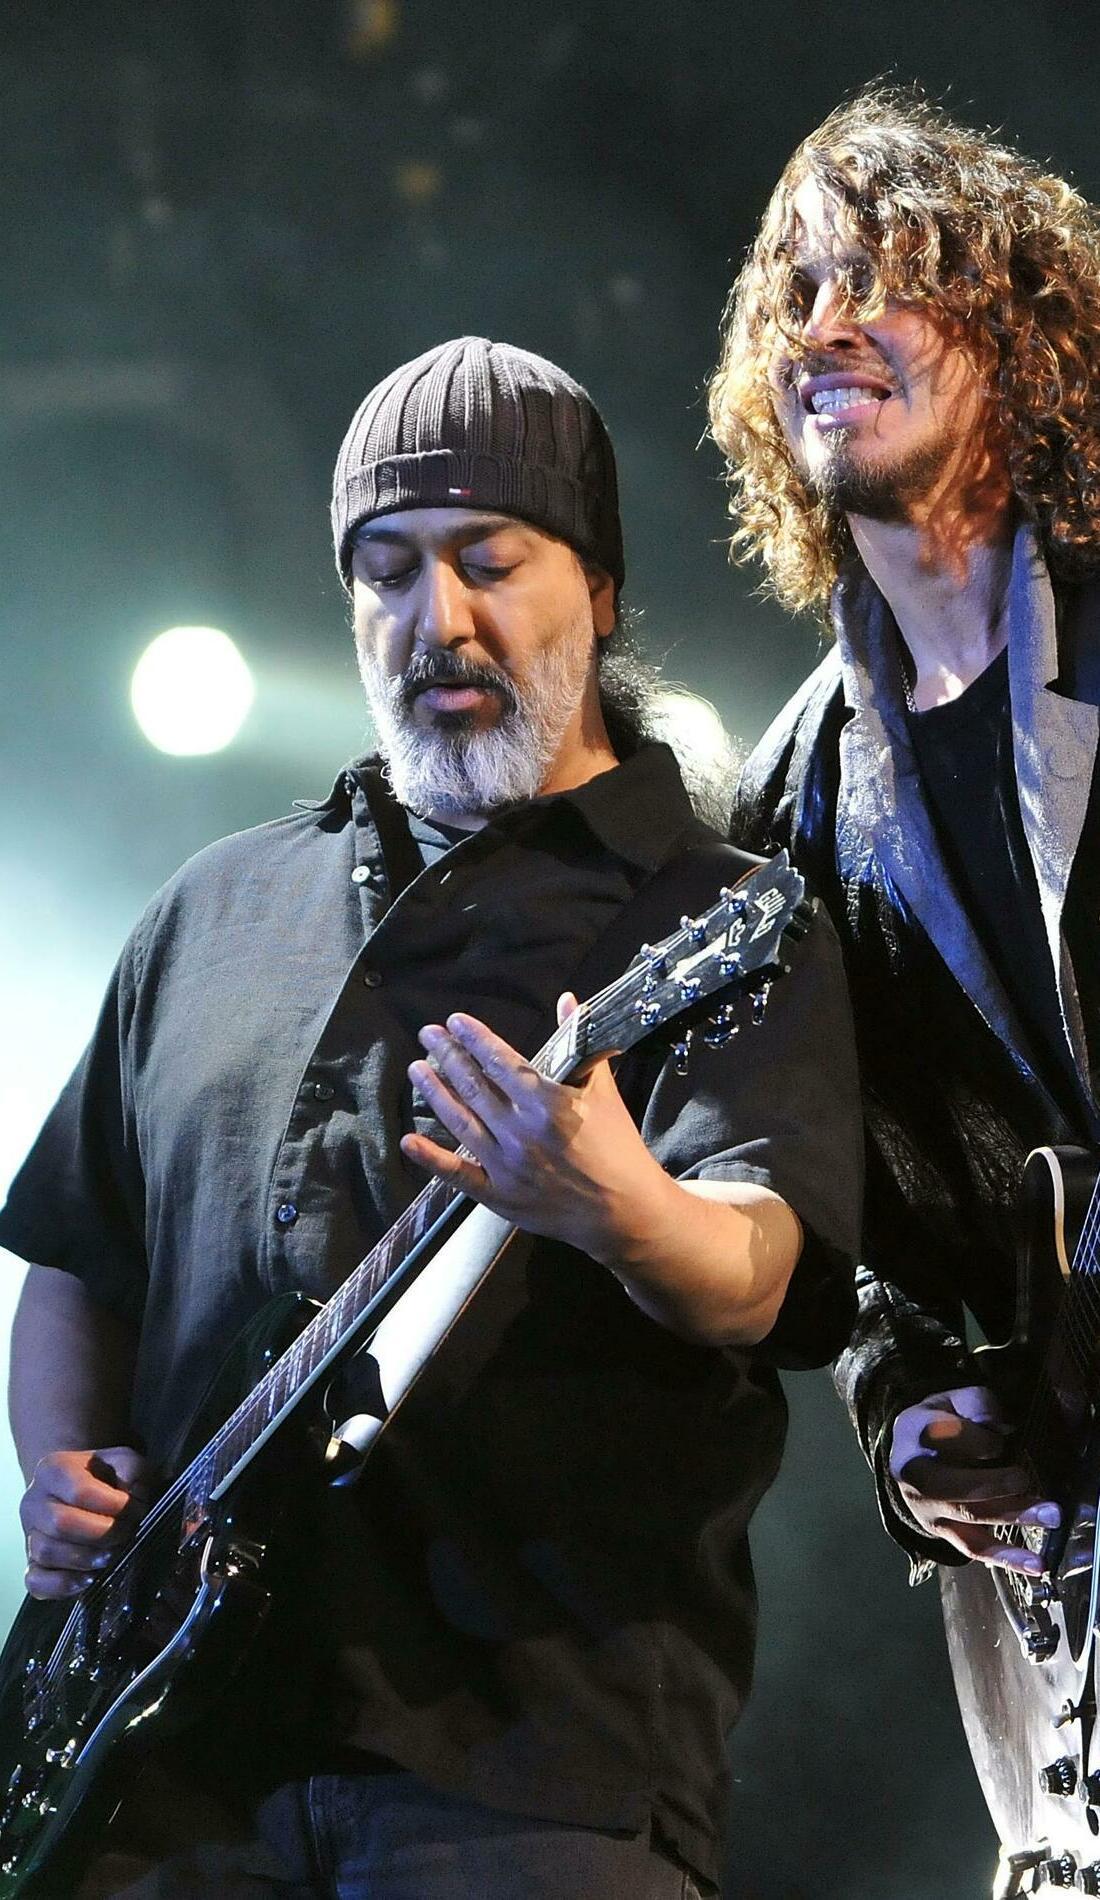 A Soundgarden live event